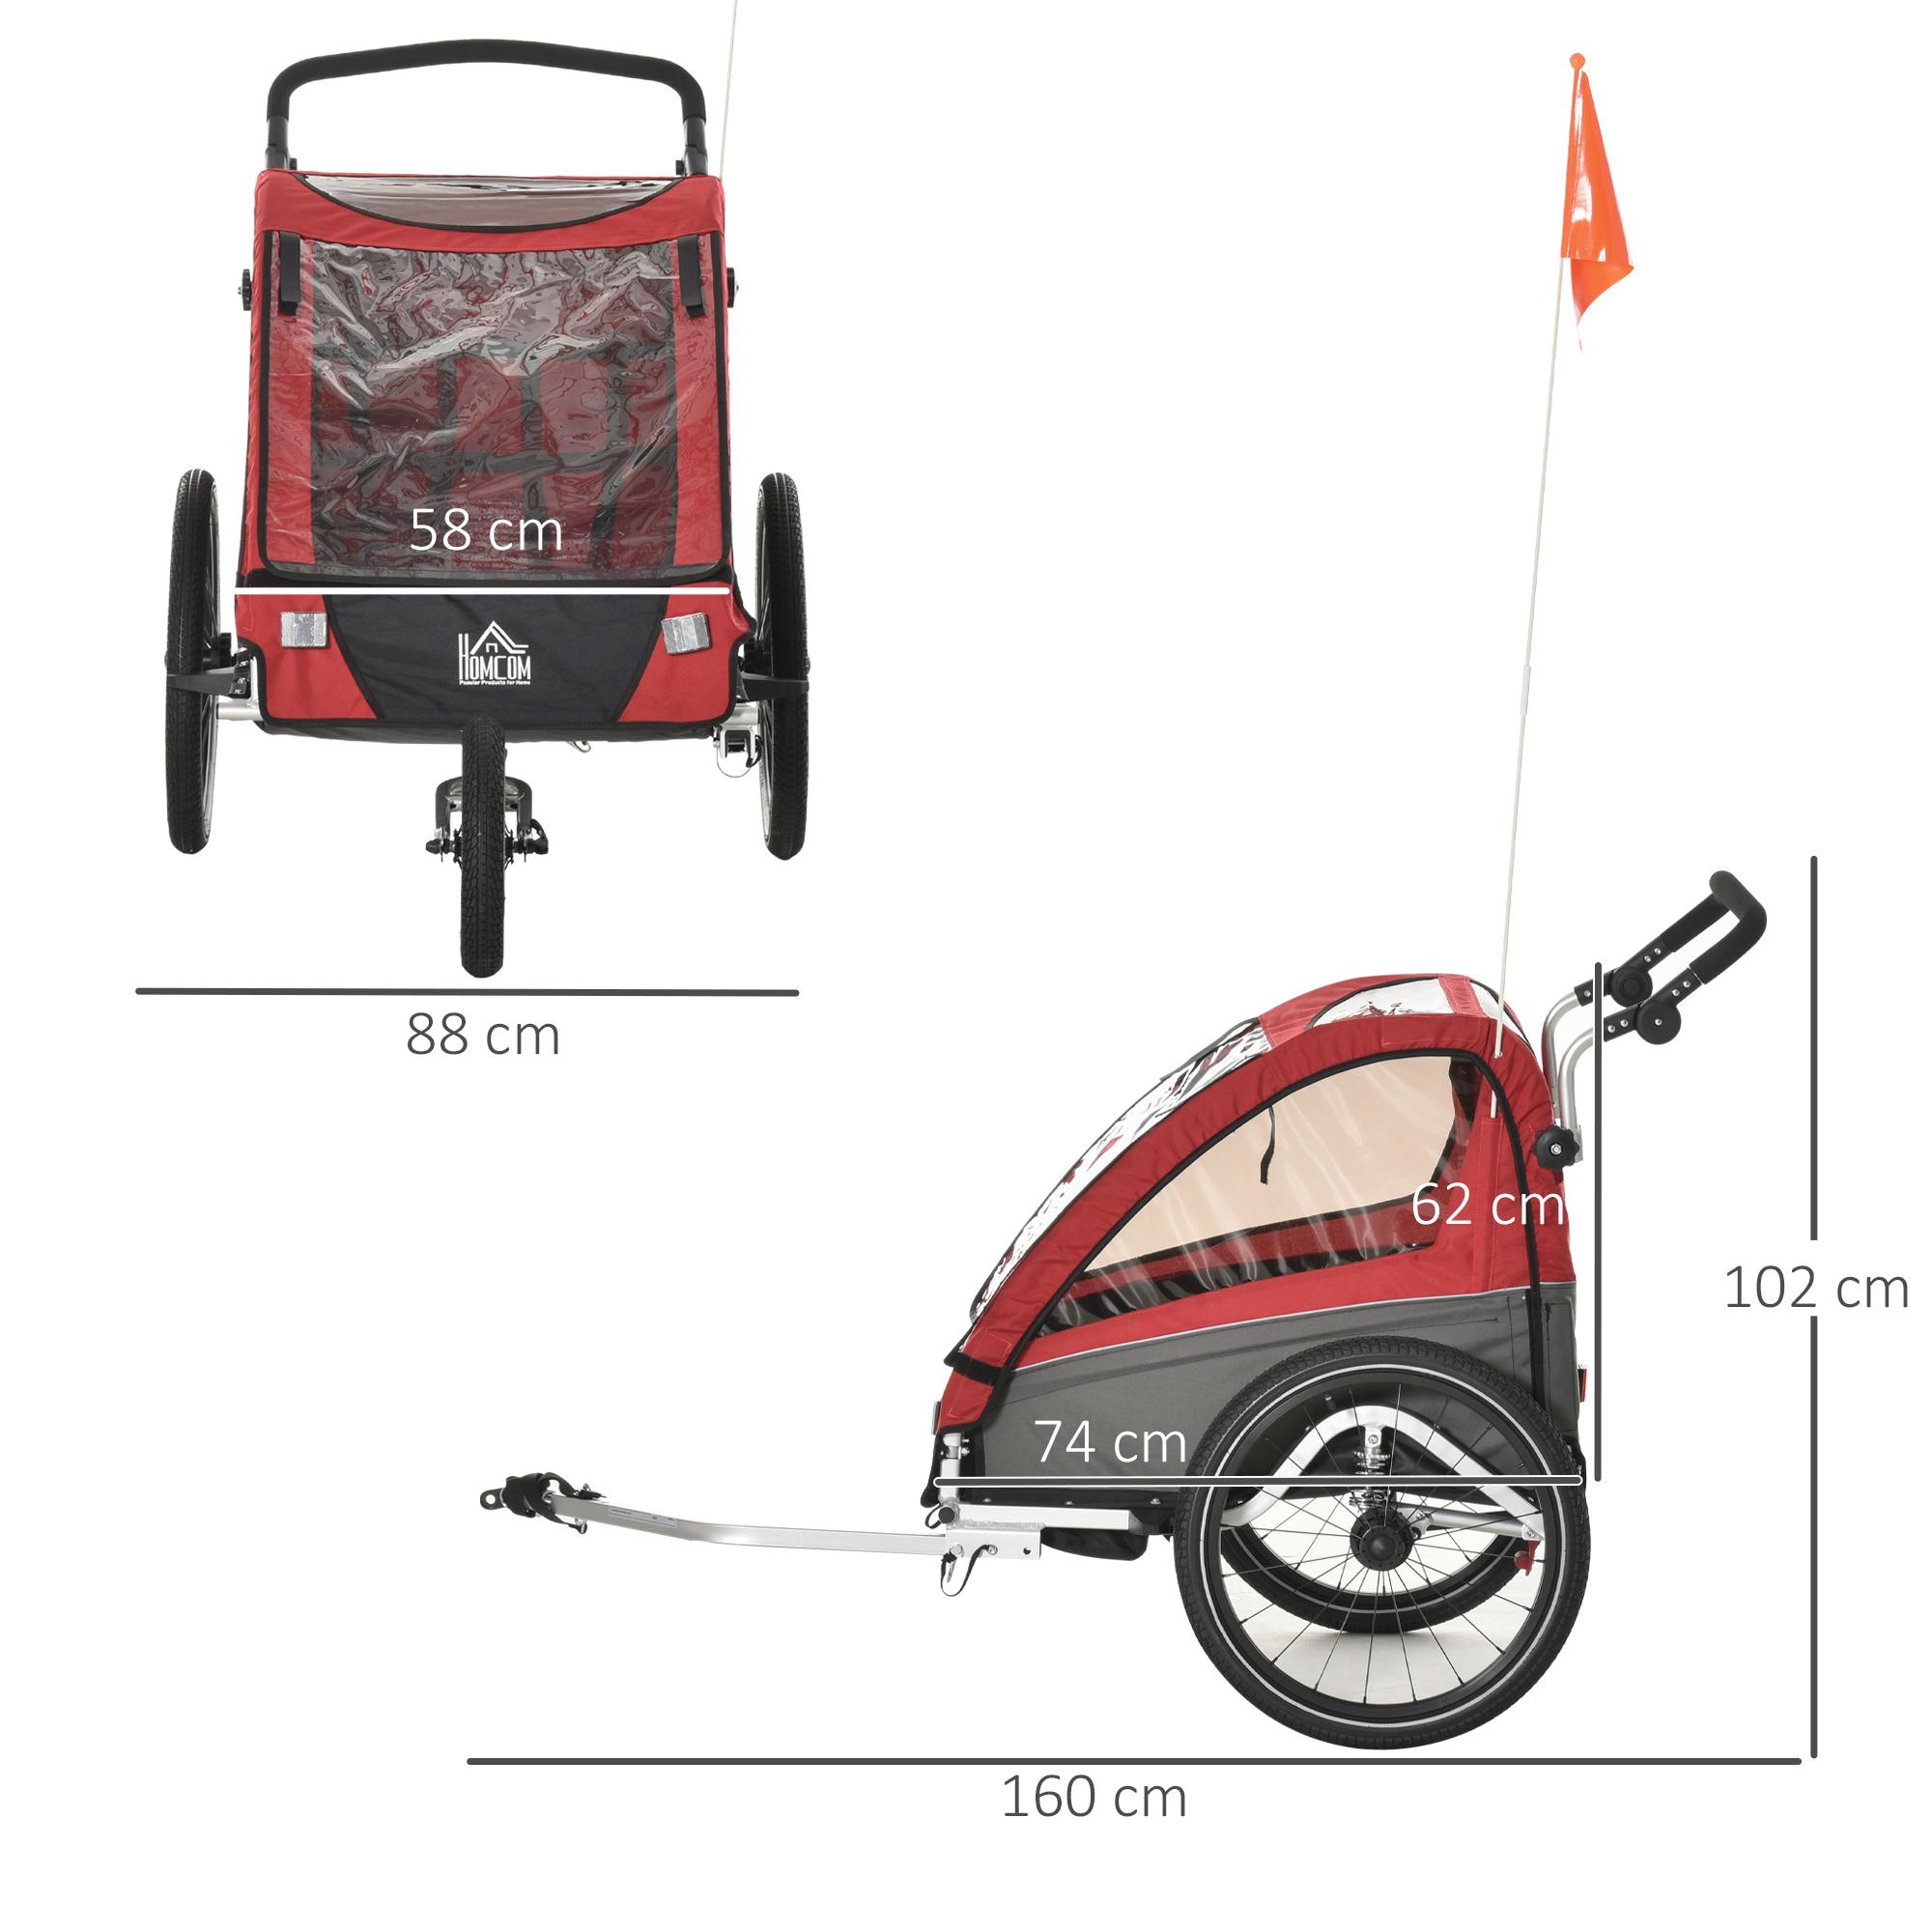 Indexbild 22 - HOMCOM 3 in 1 Kinderanhänger Jogger Fahrradanhänger für 2 Kinder Alu